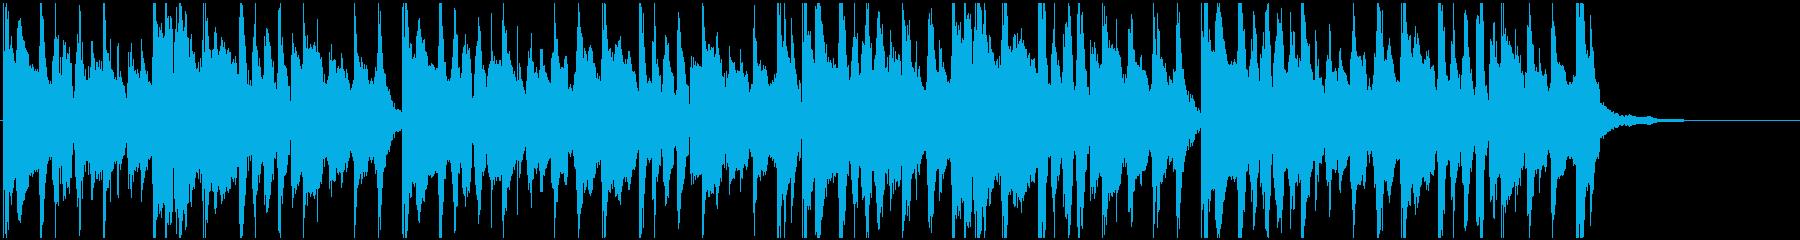 陽気でトロピカルな夏向きジングル15秒の再生済みの波形